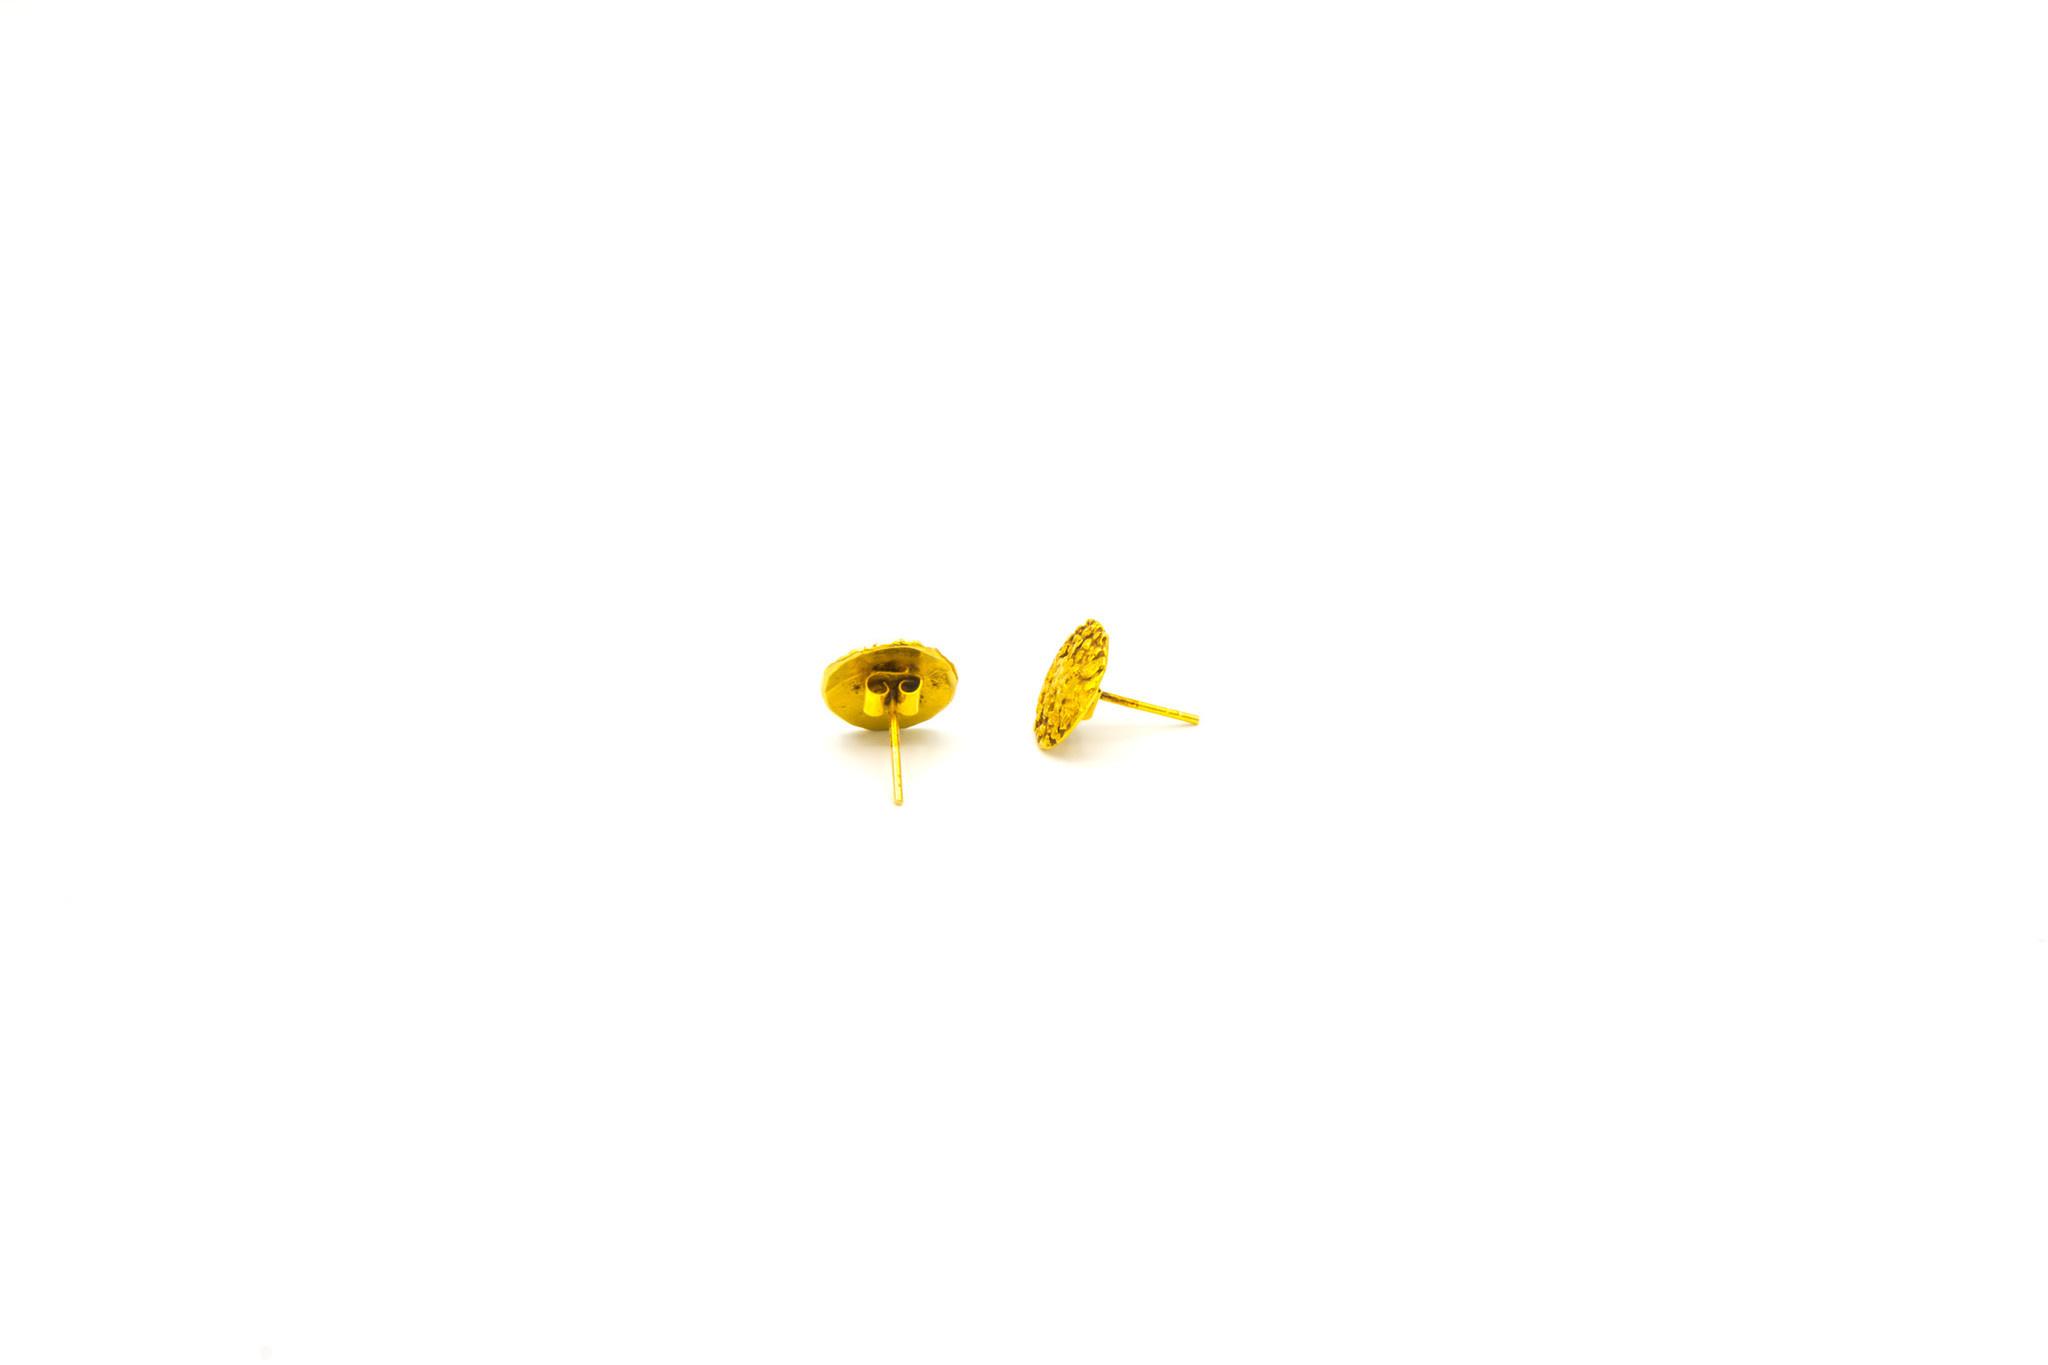 Piet Piet oorbellen stekers rond 14k-2